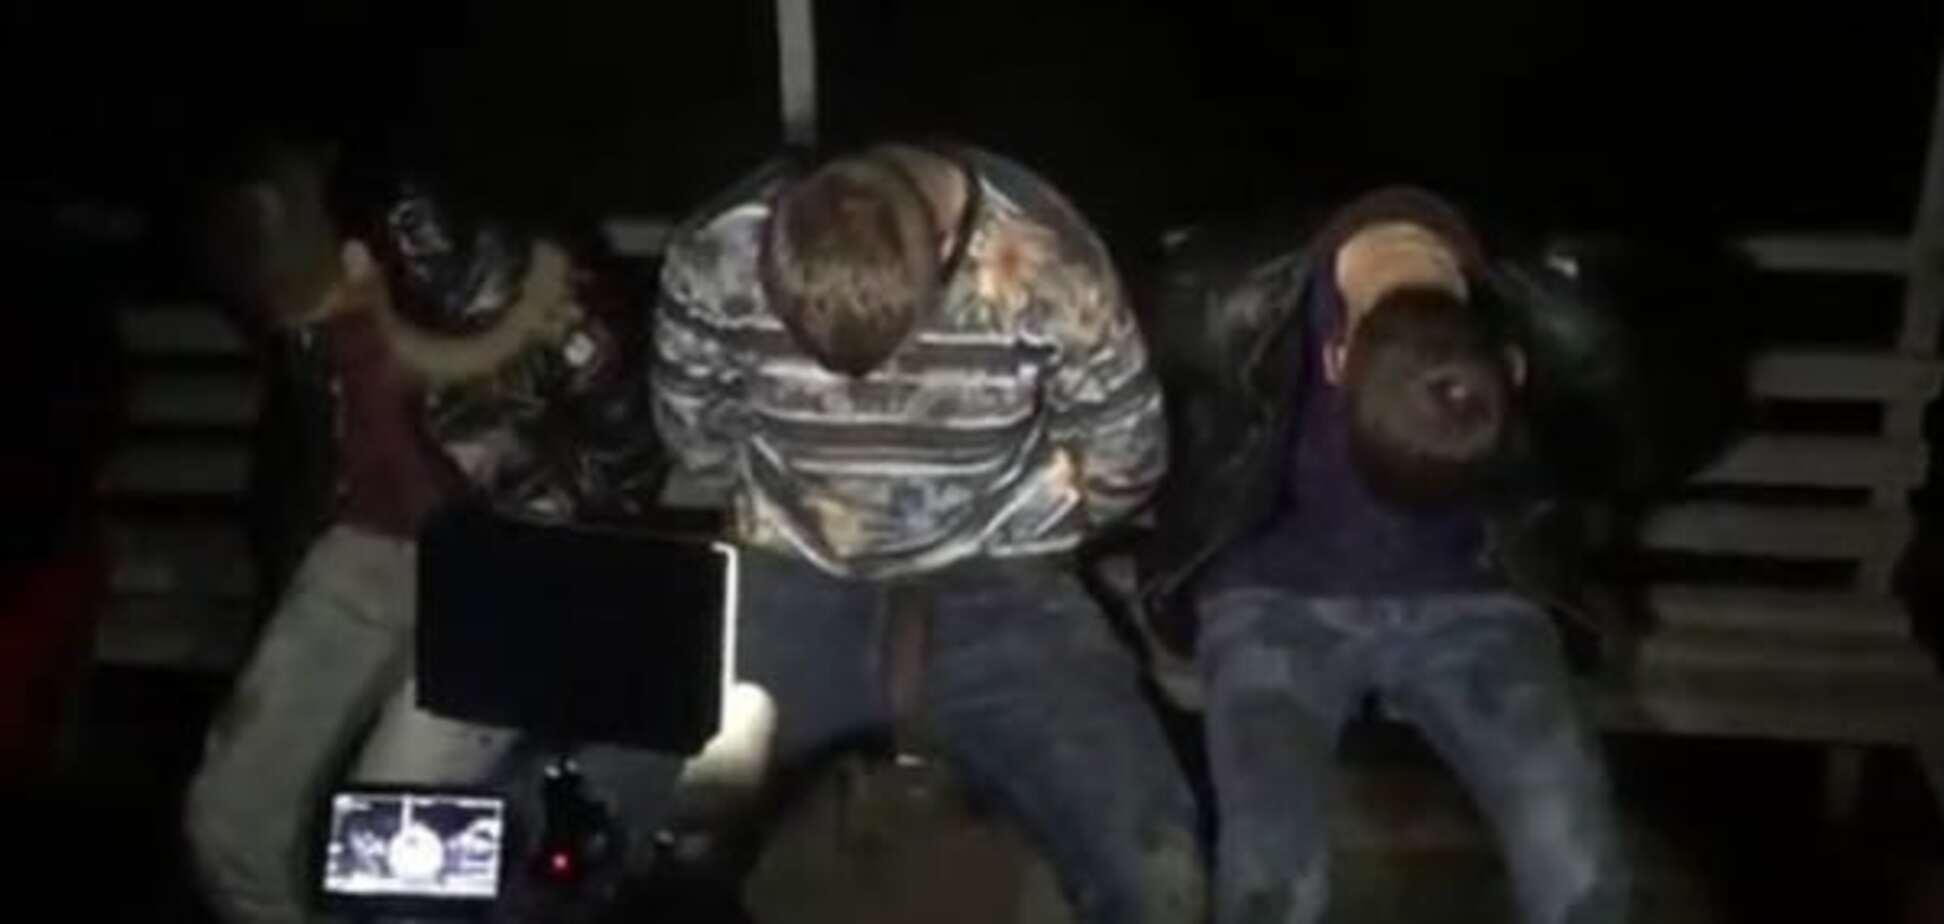 Смертельная погоня в Киеве: одному из полицейских объявлено подозрение в убийстве - СМИ